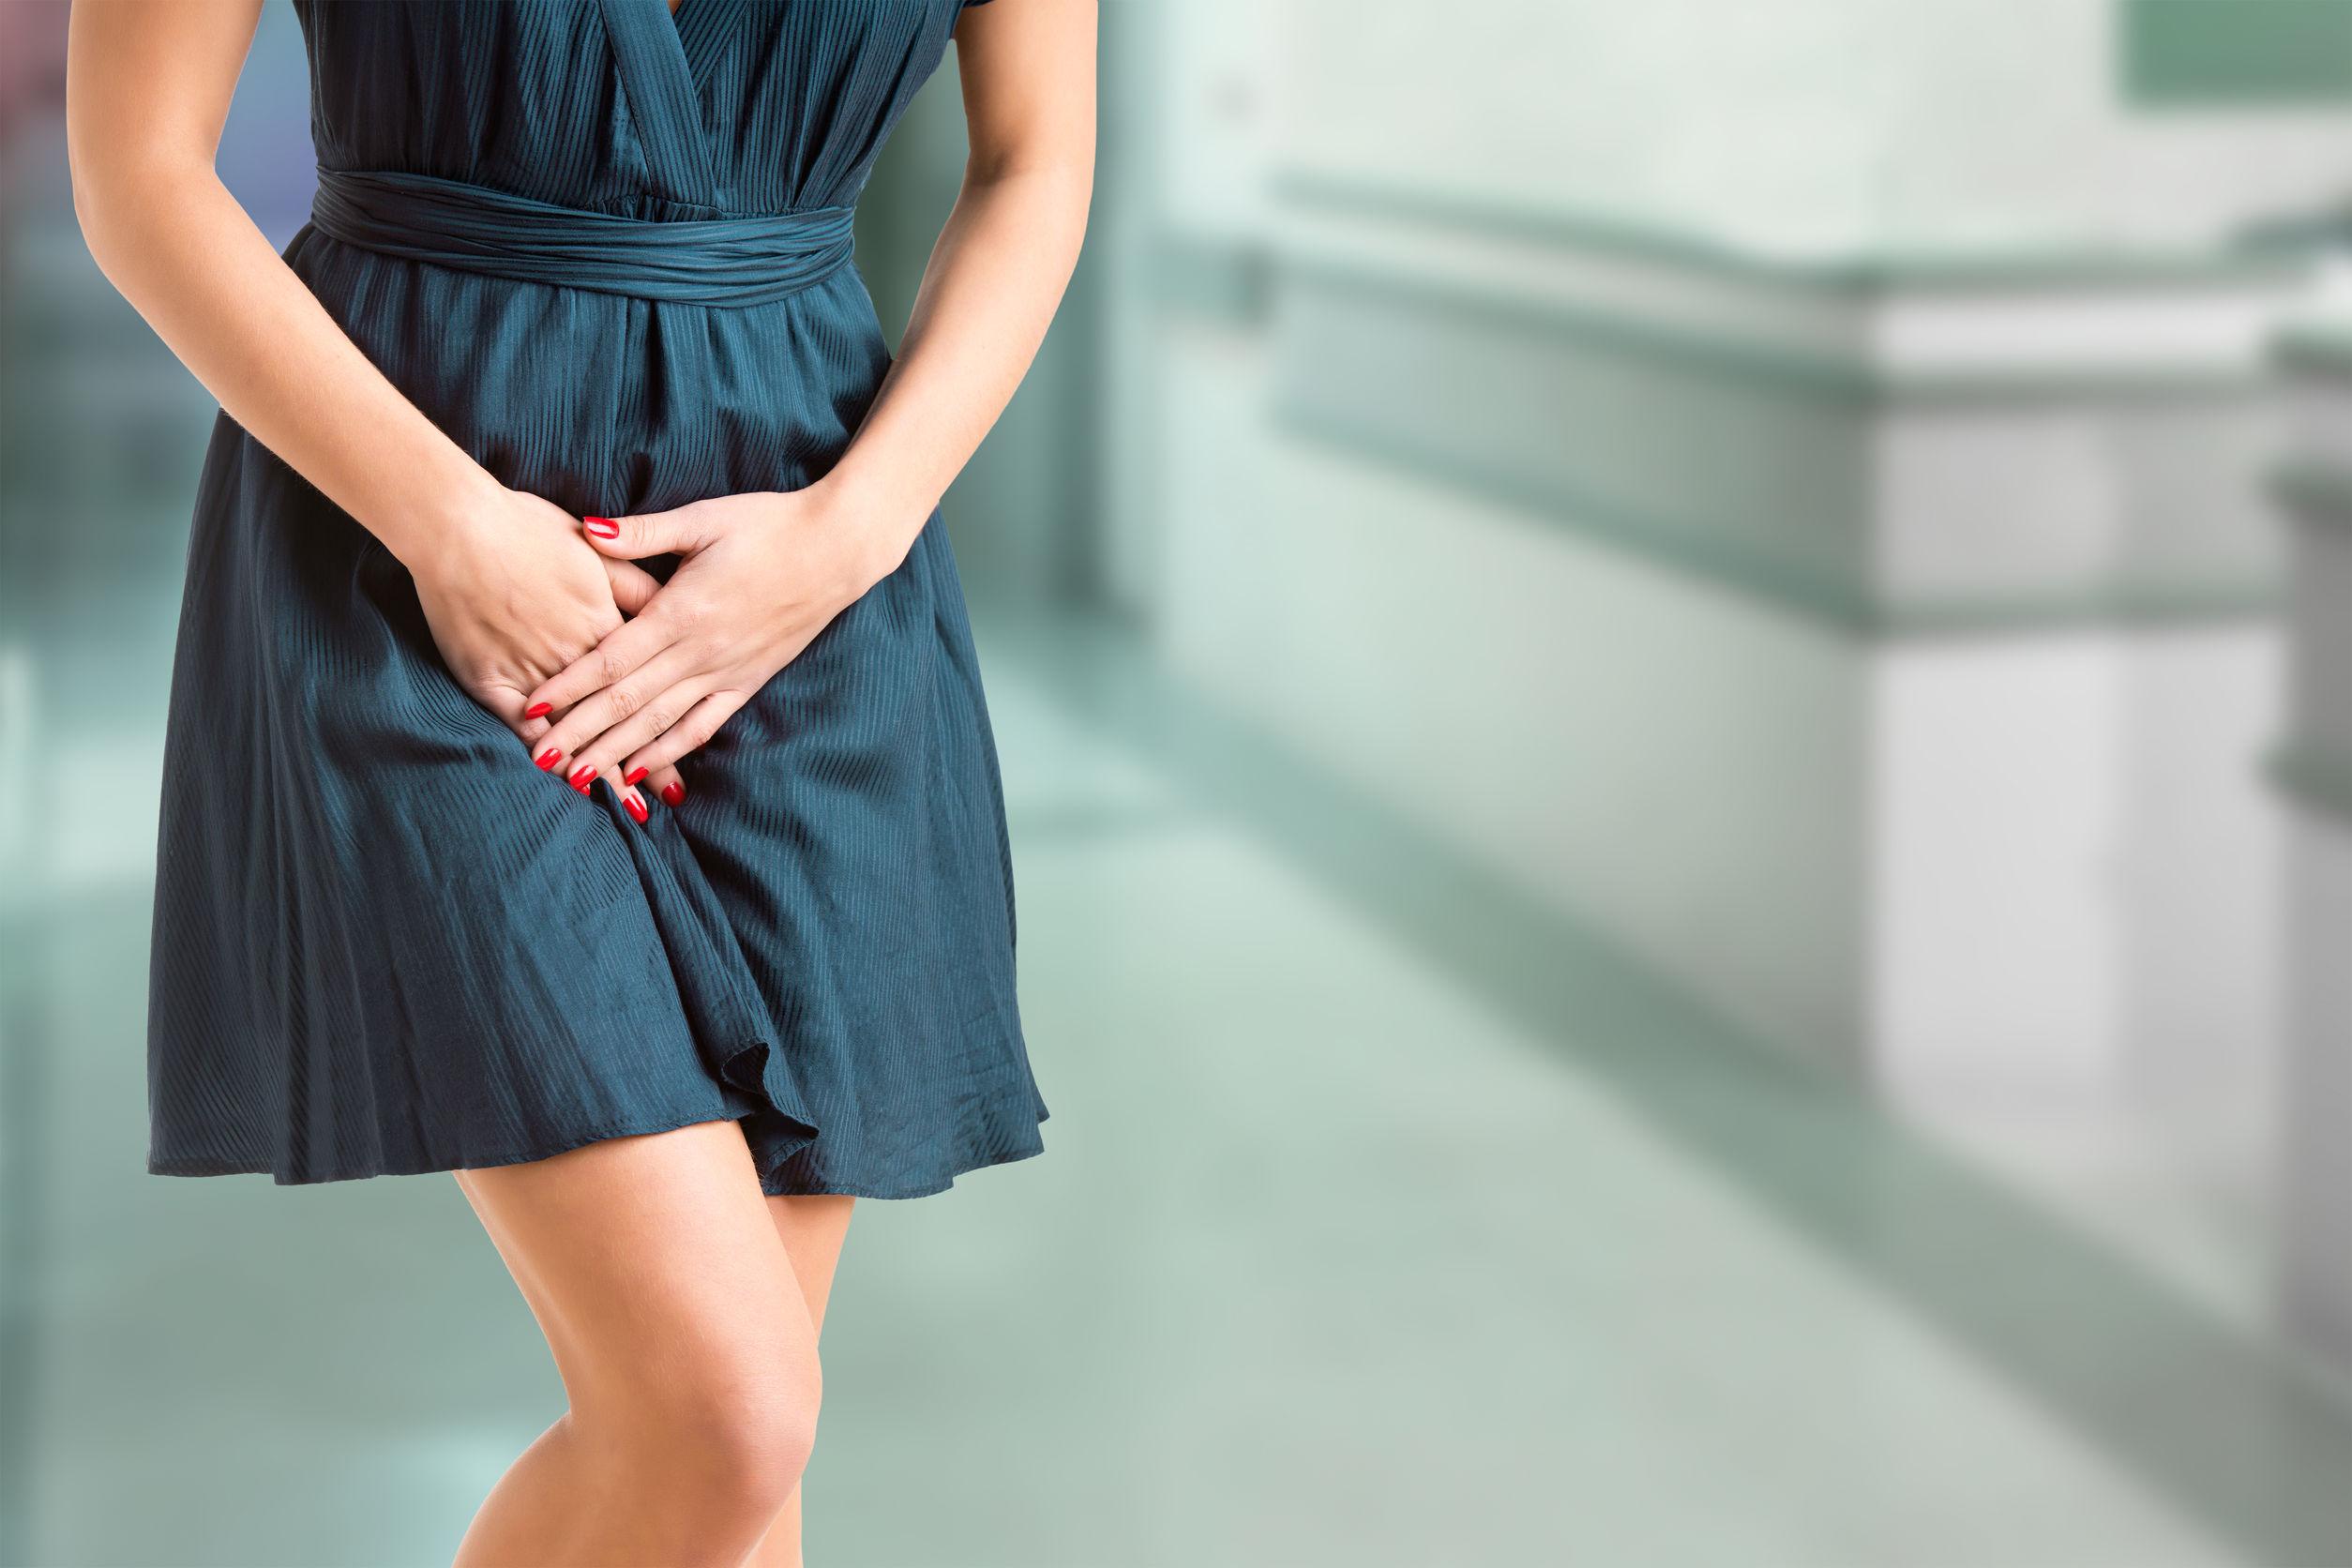 排尿困難タイプの尿トラブル<br/>残尿感、出しにくい一番の原因とは